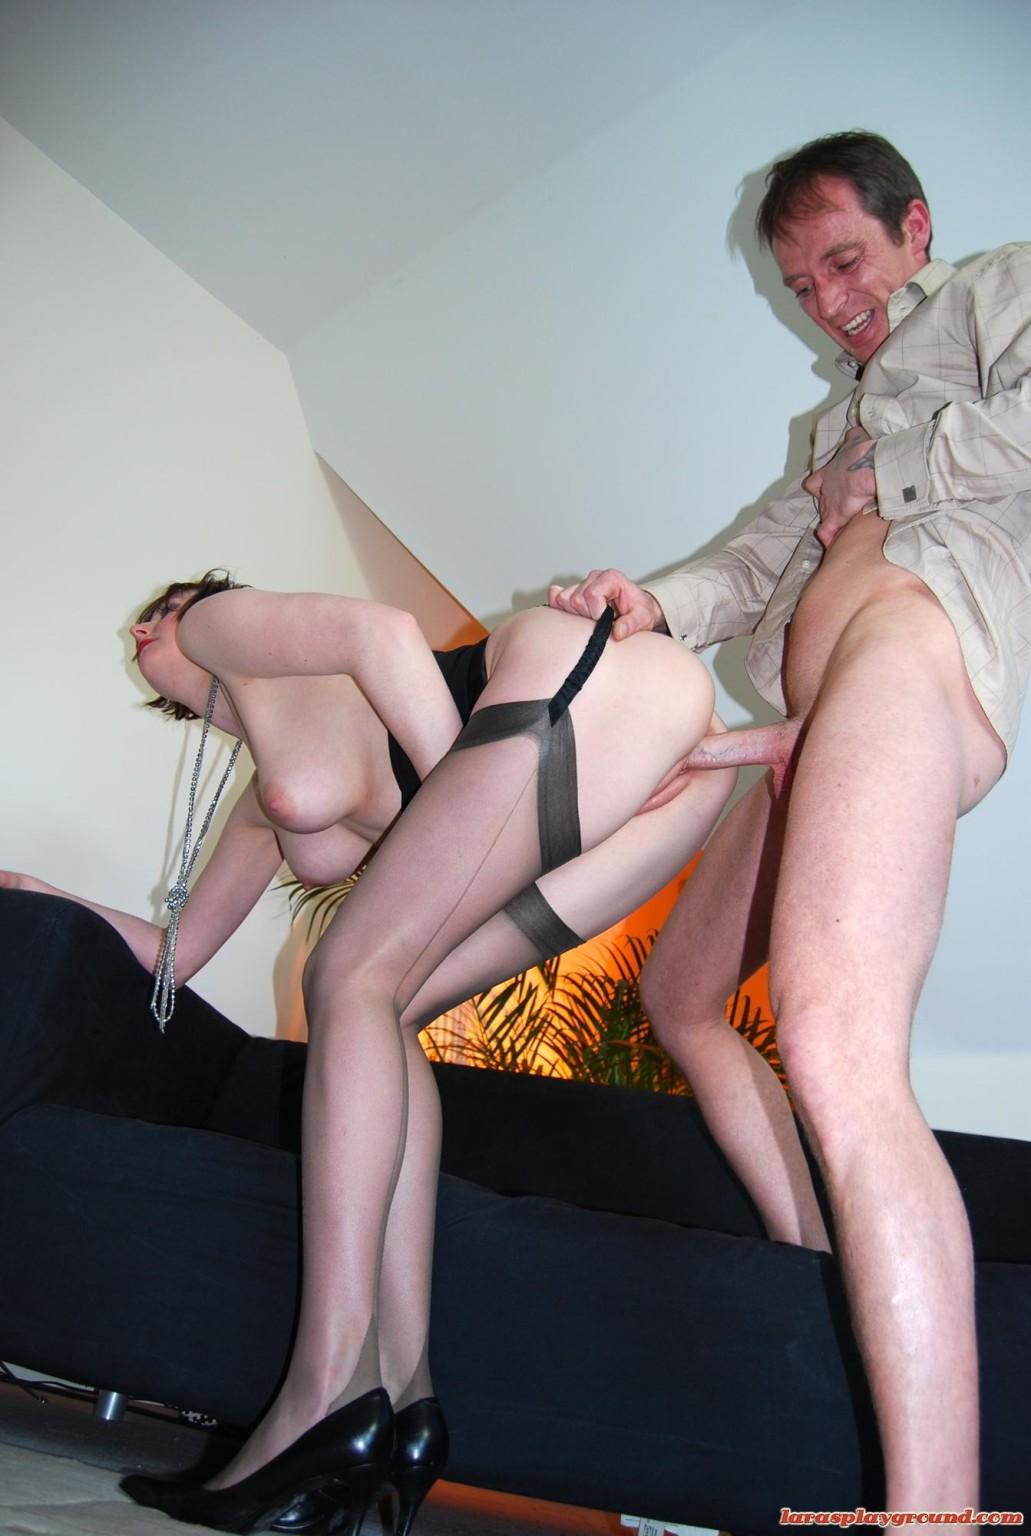 Fucking a girls ass on first date